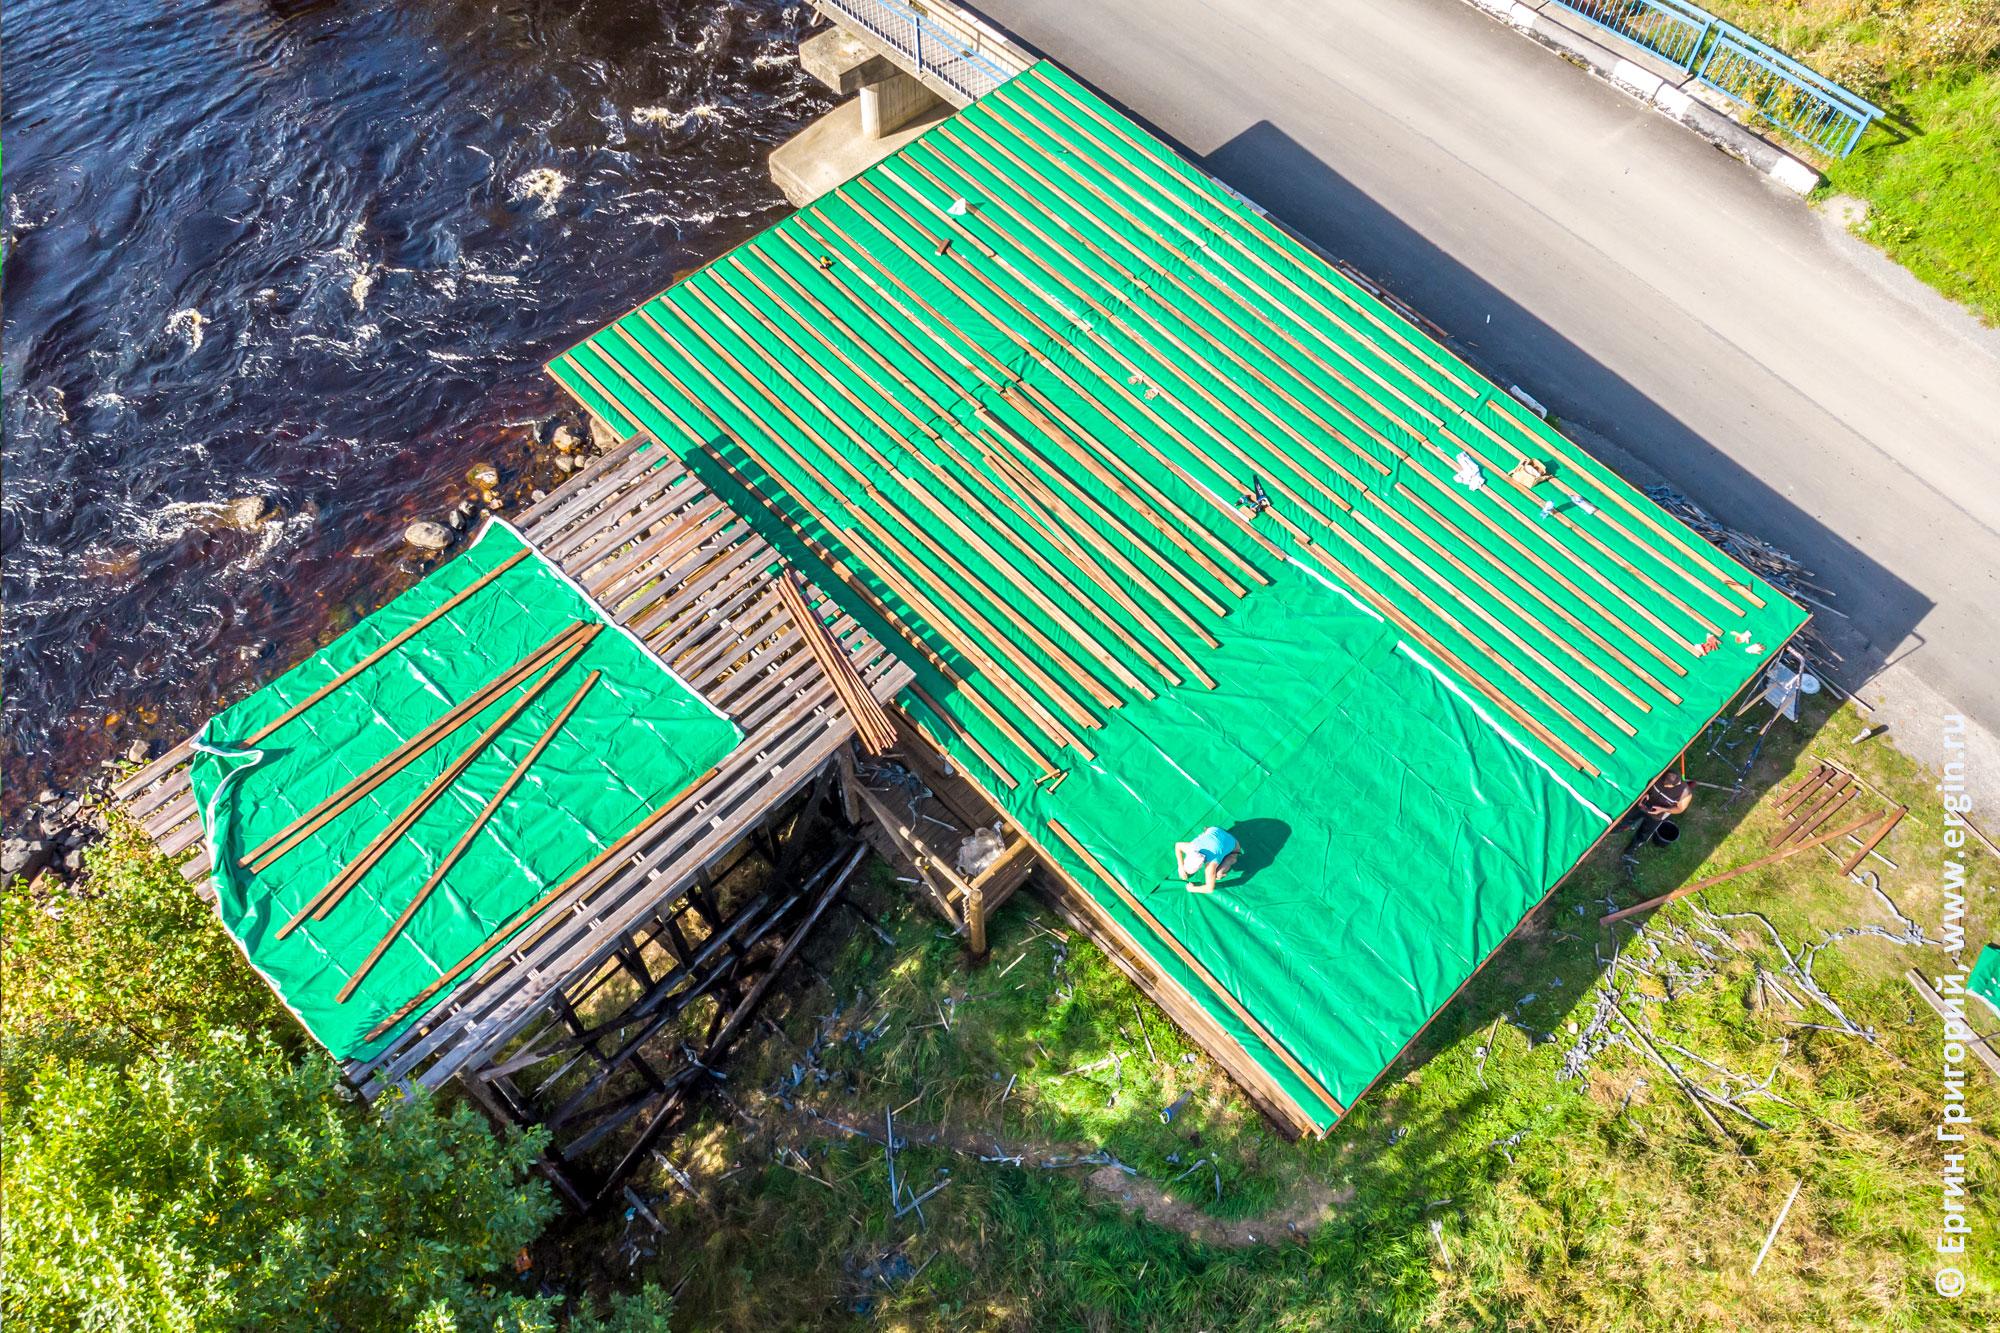 Фиксация тентовой ткани на крыше судейской в Тивдии